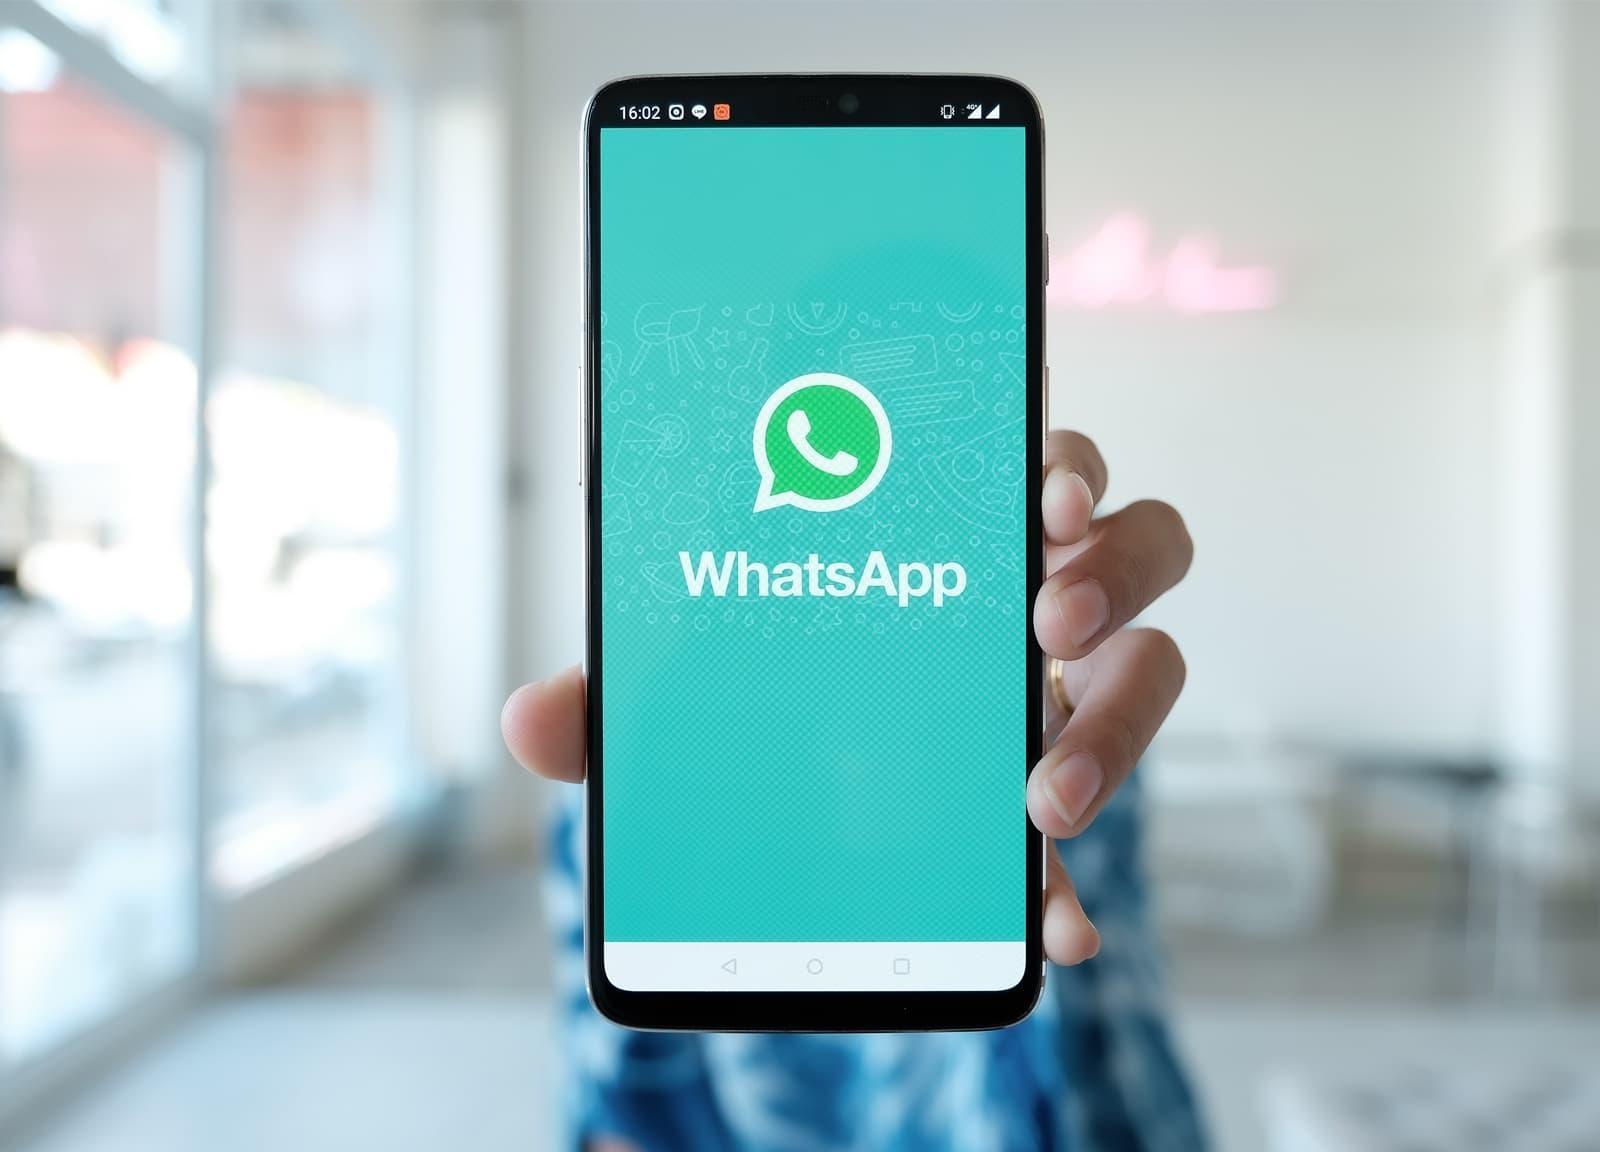 WhatsApp permitirá a lojista subir catálogo de produtos diretamente no aplicativo